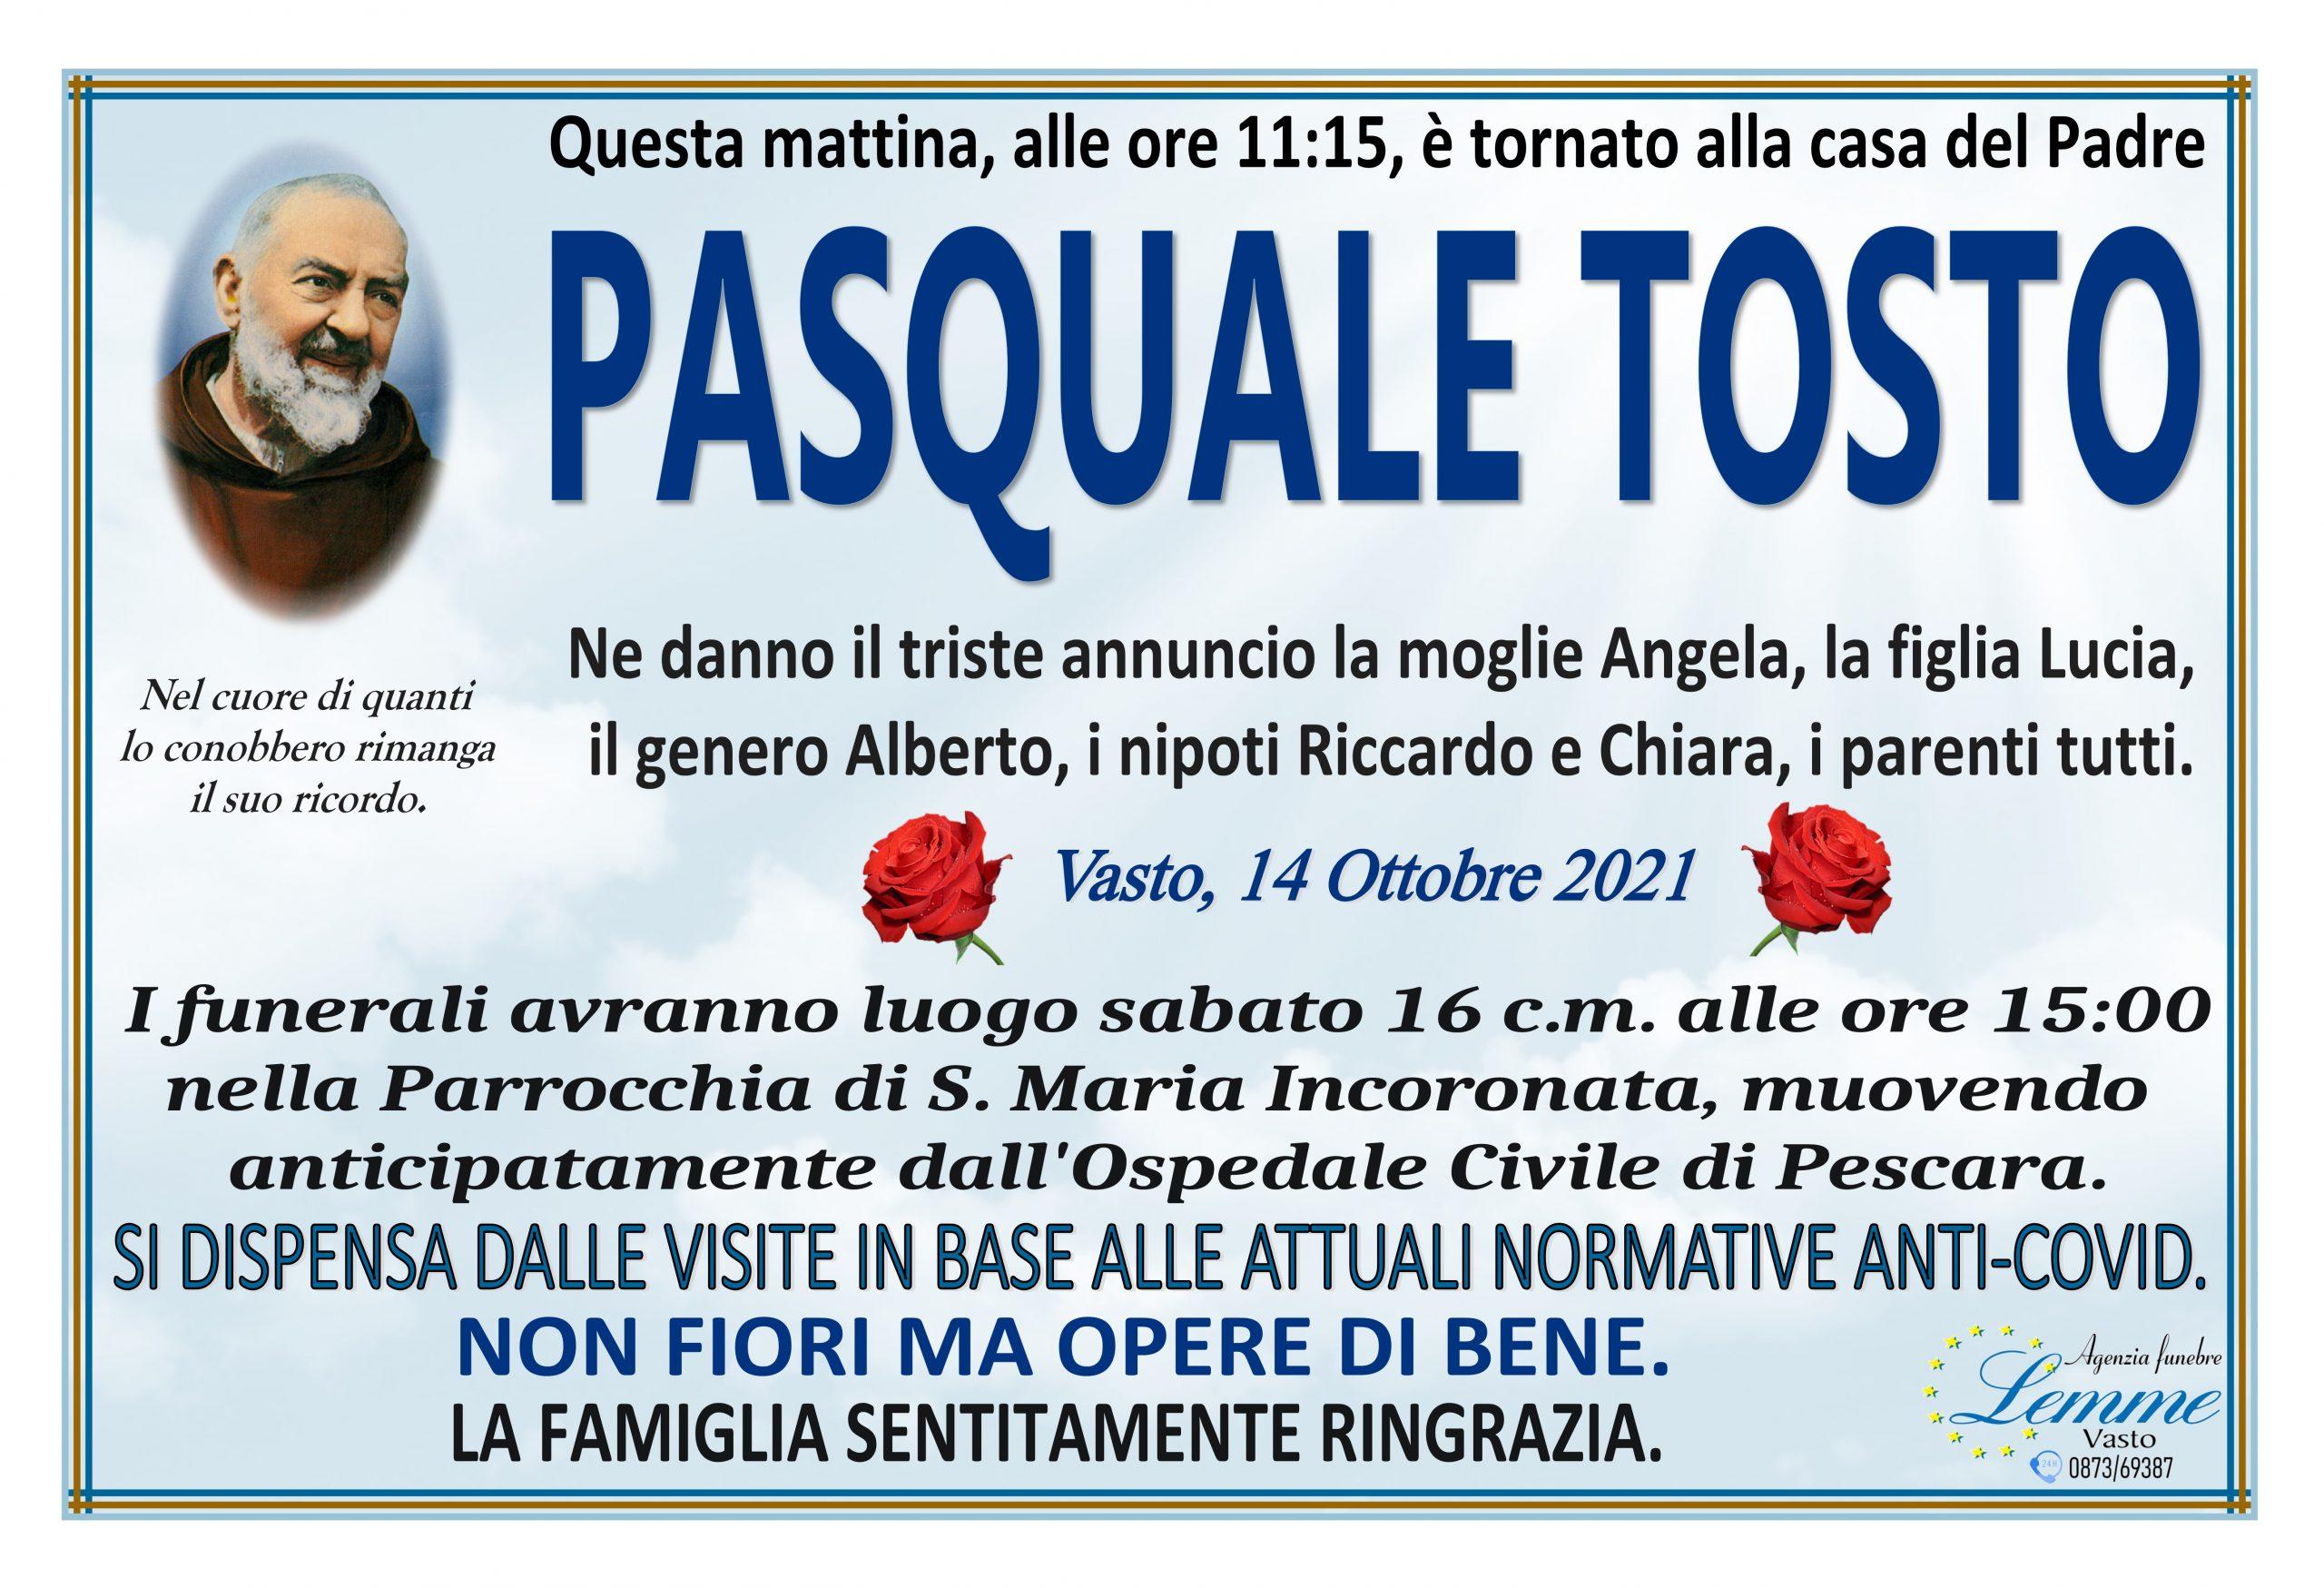 PASQUALE TOSTO